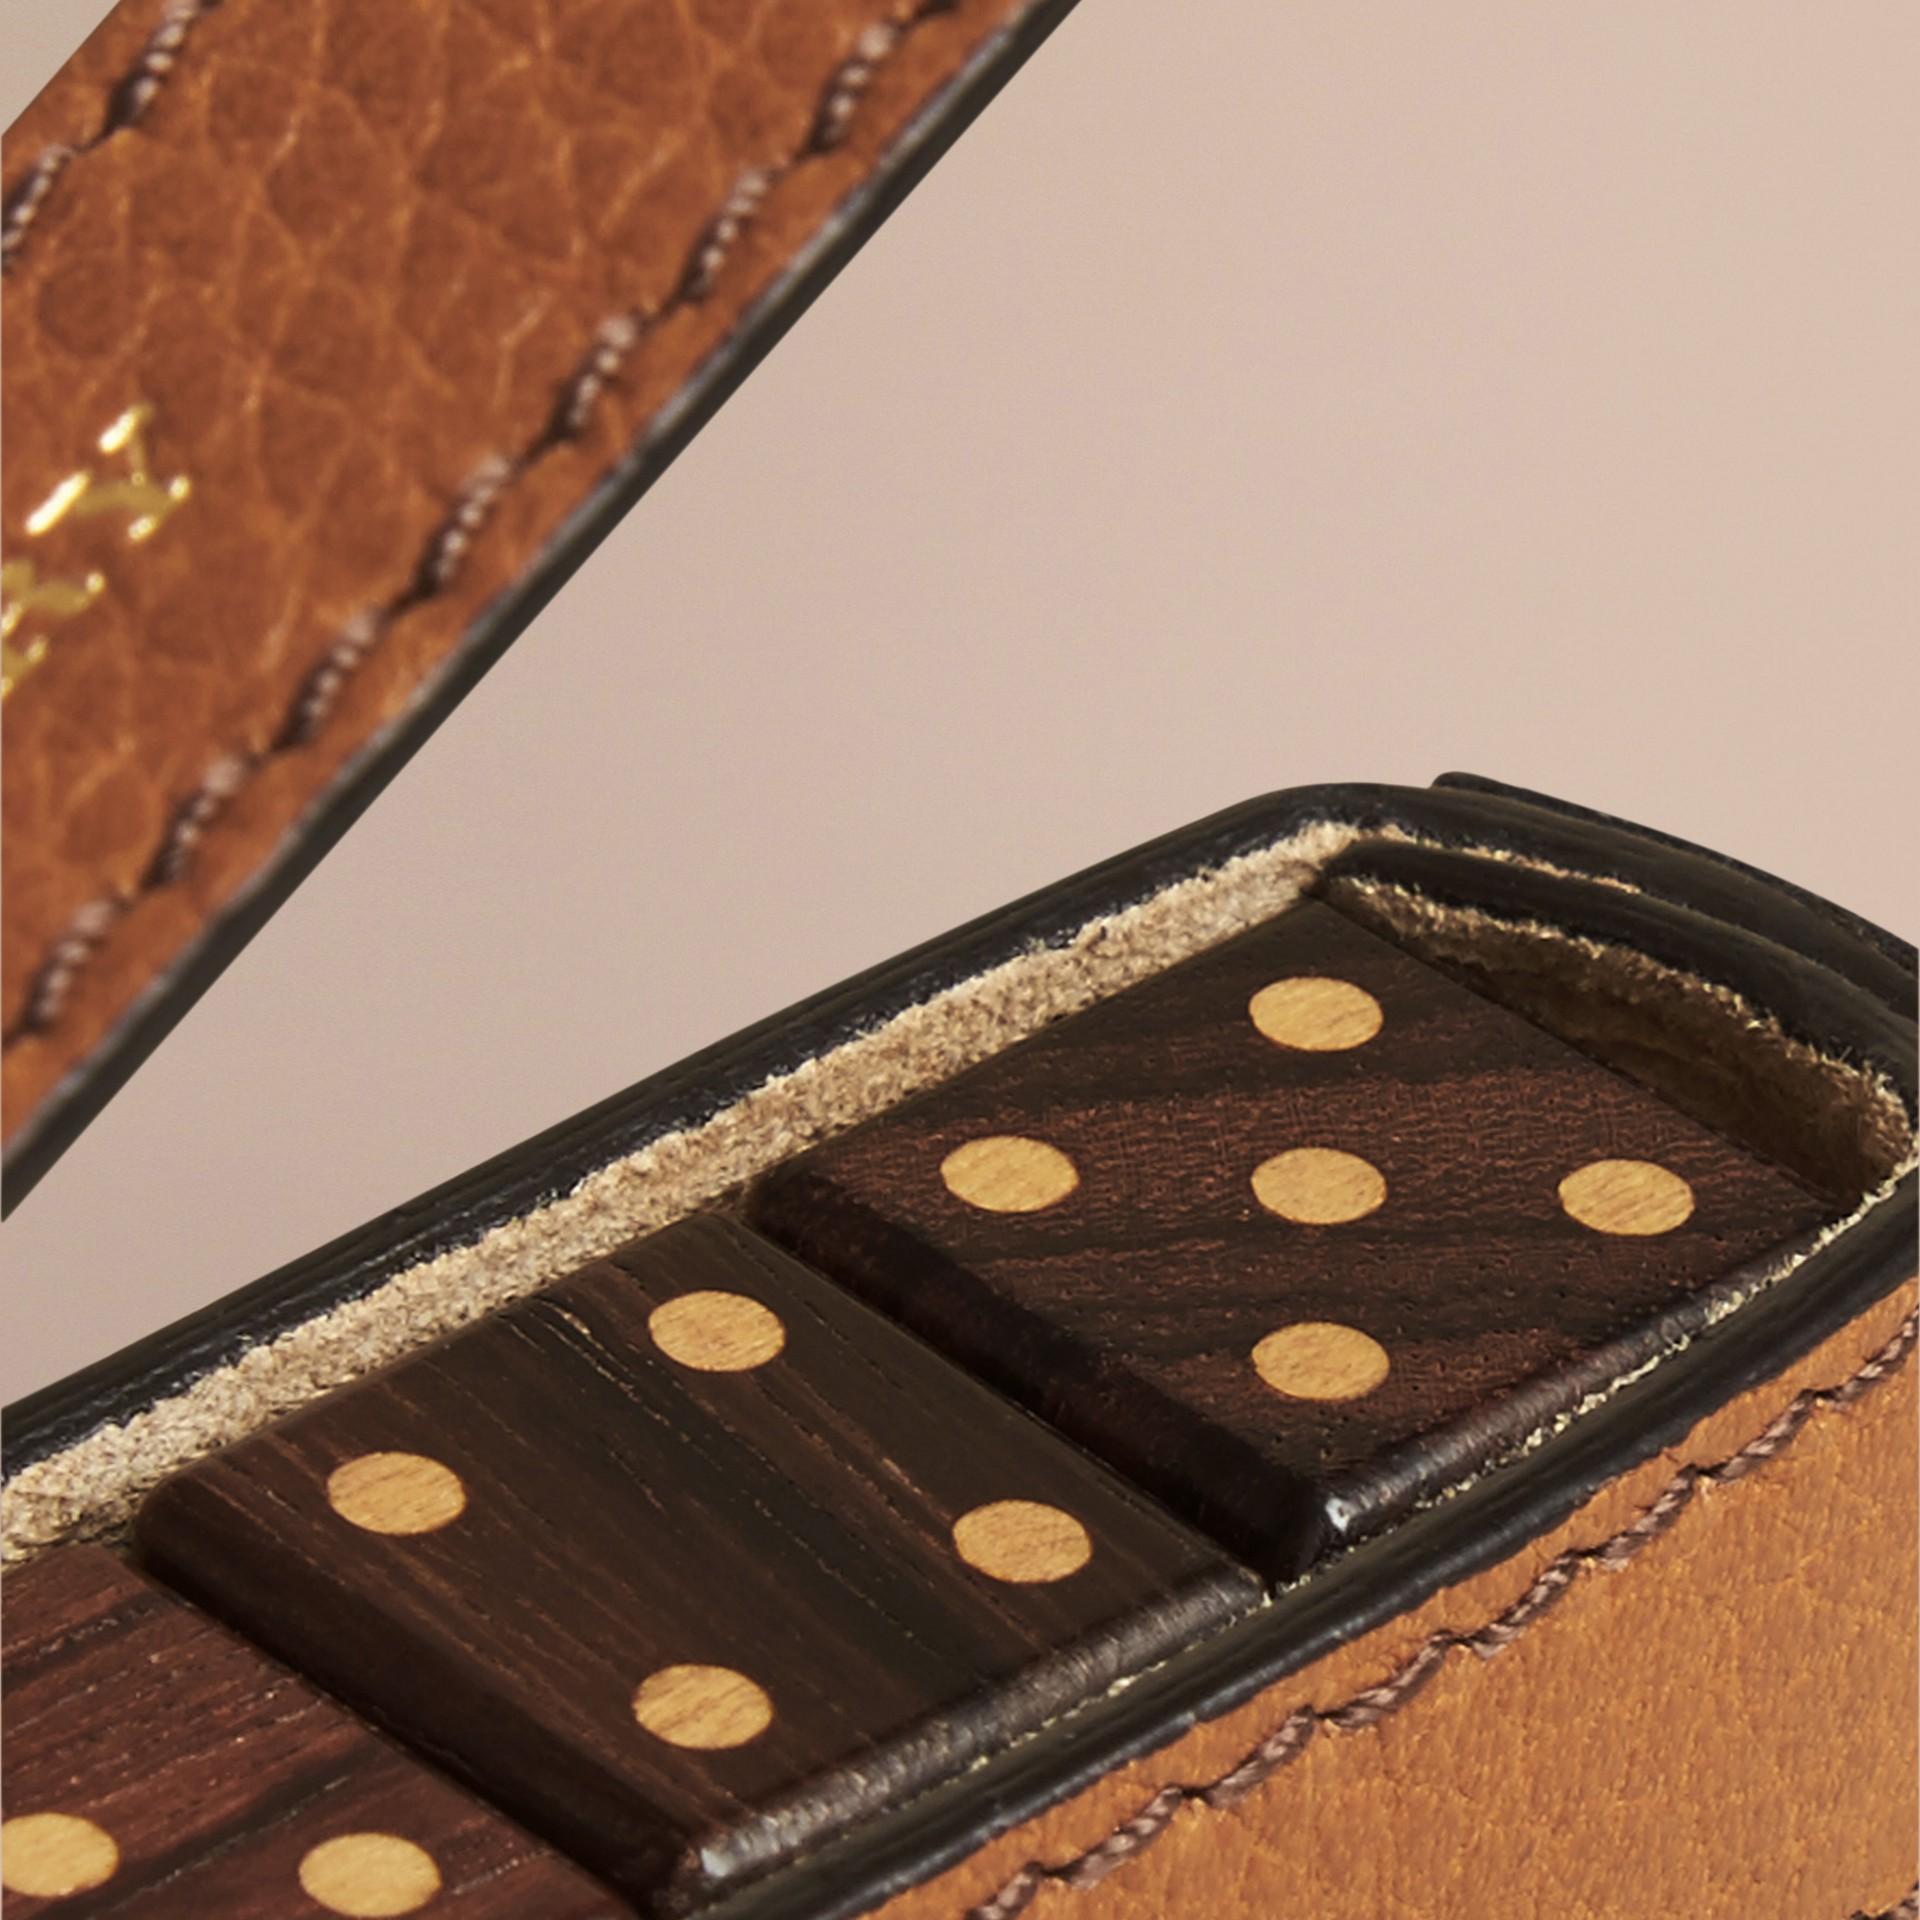 棕褐色 粒面皮革骰子組附收納盒 棕褐色 - 圖庫照片 2